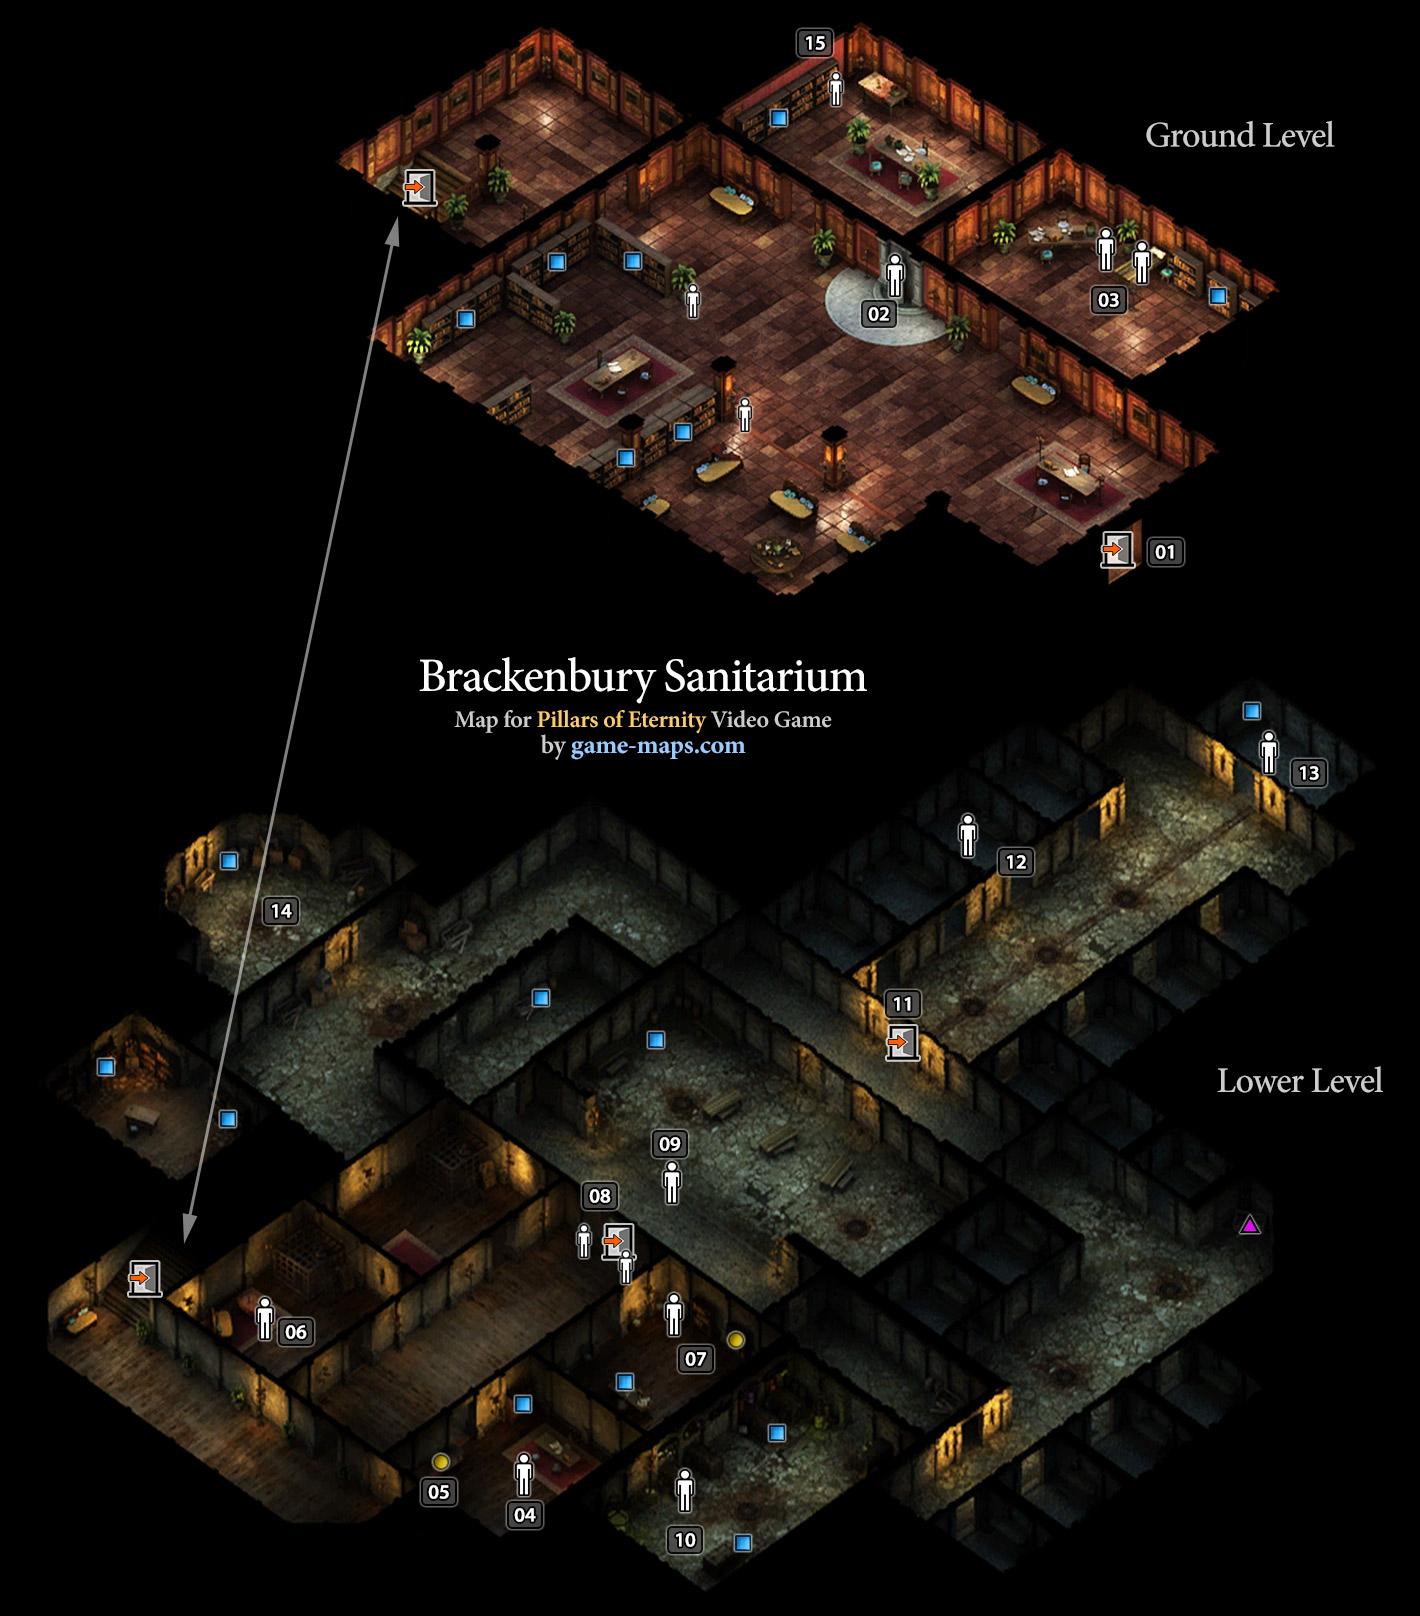 Brackenbury Sanitarium - Defiance Bay - Pillars of Eternity